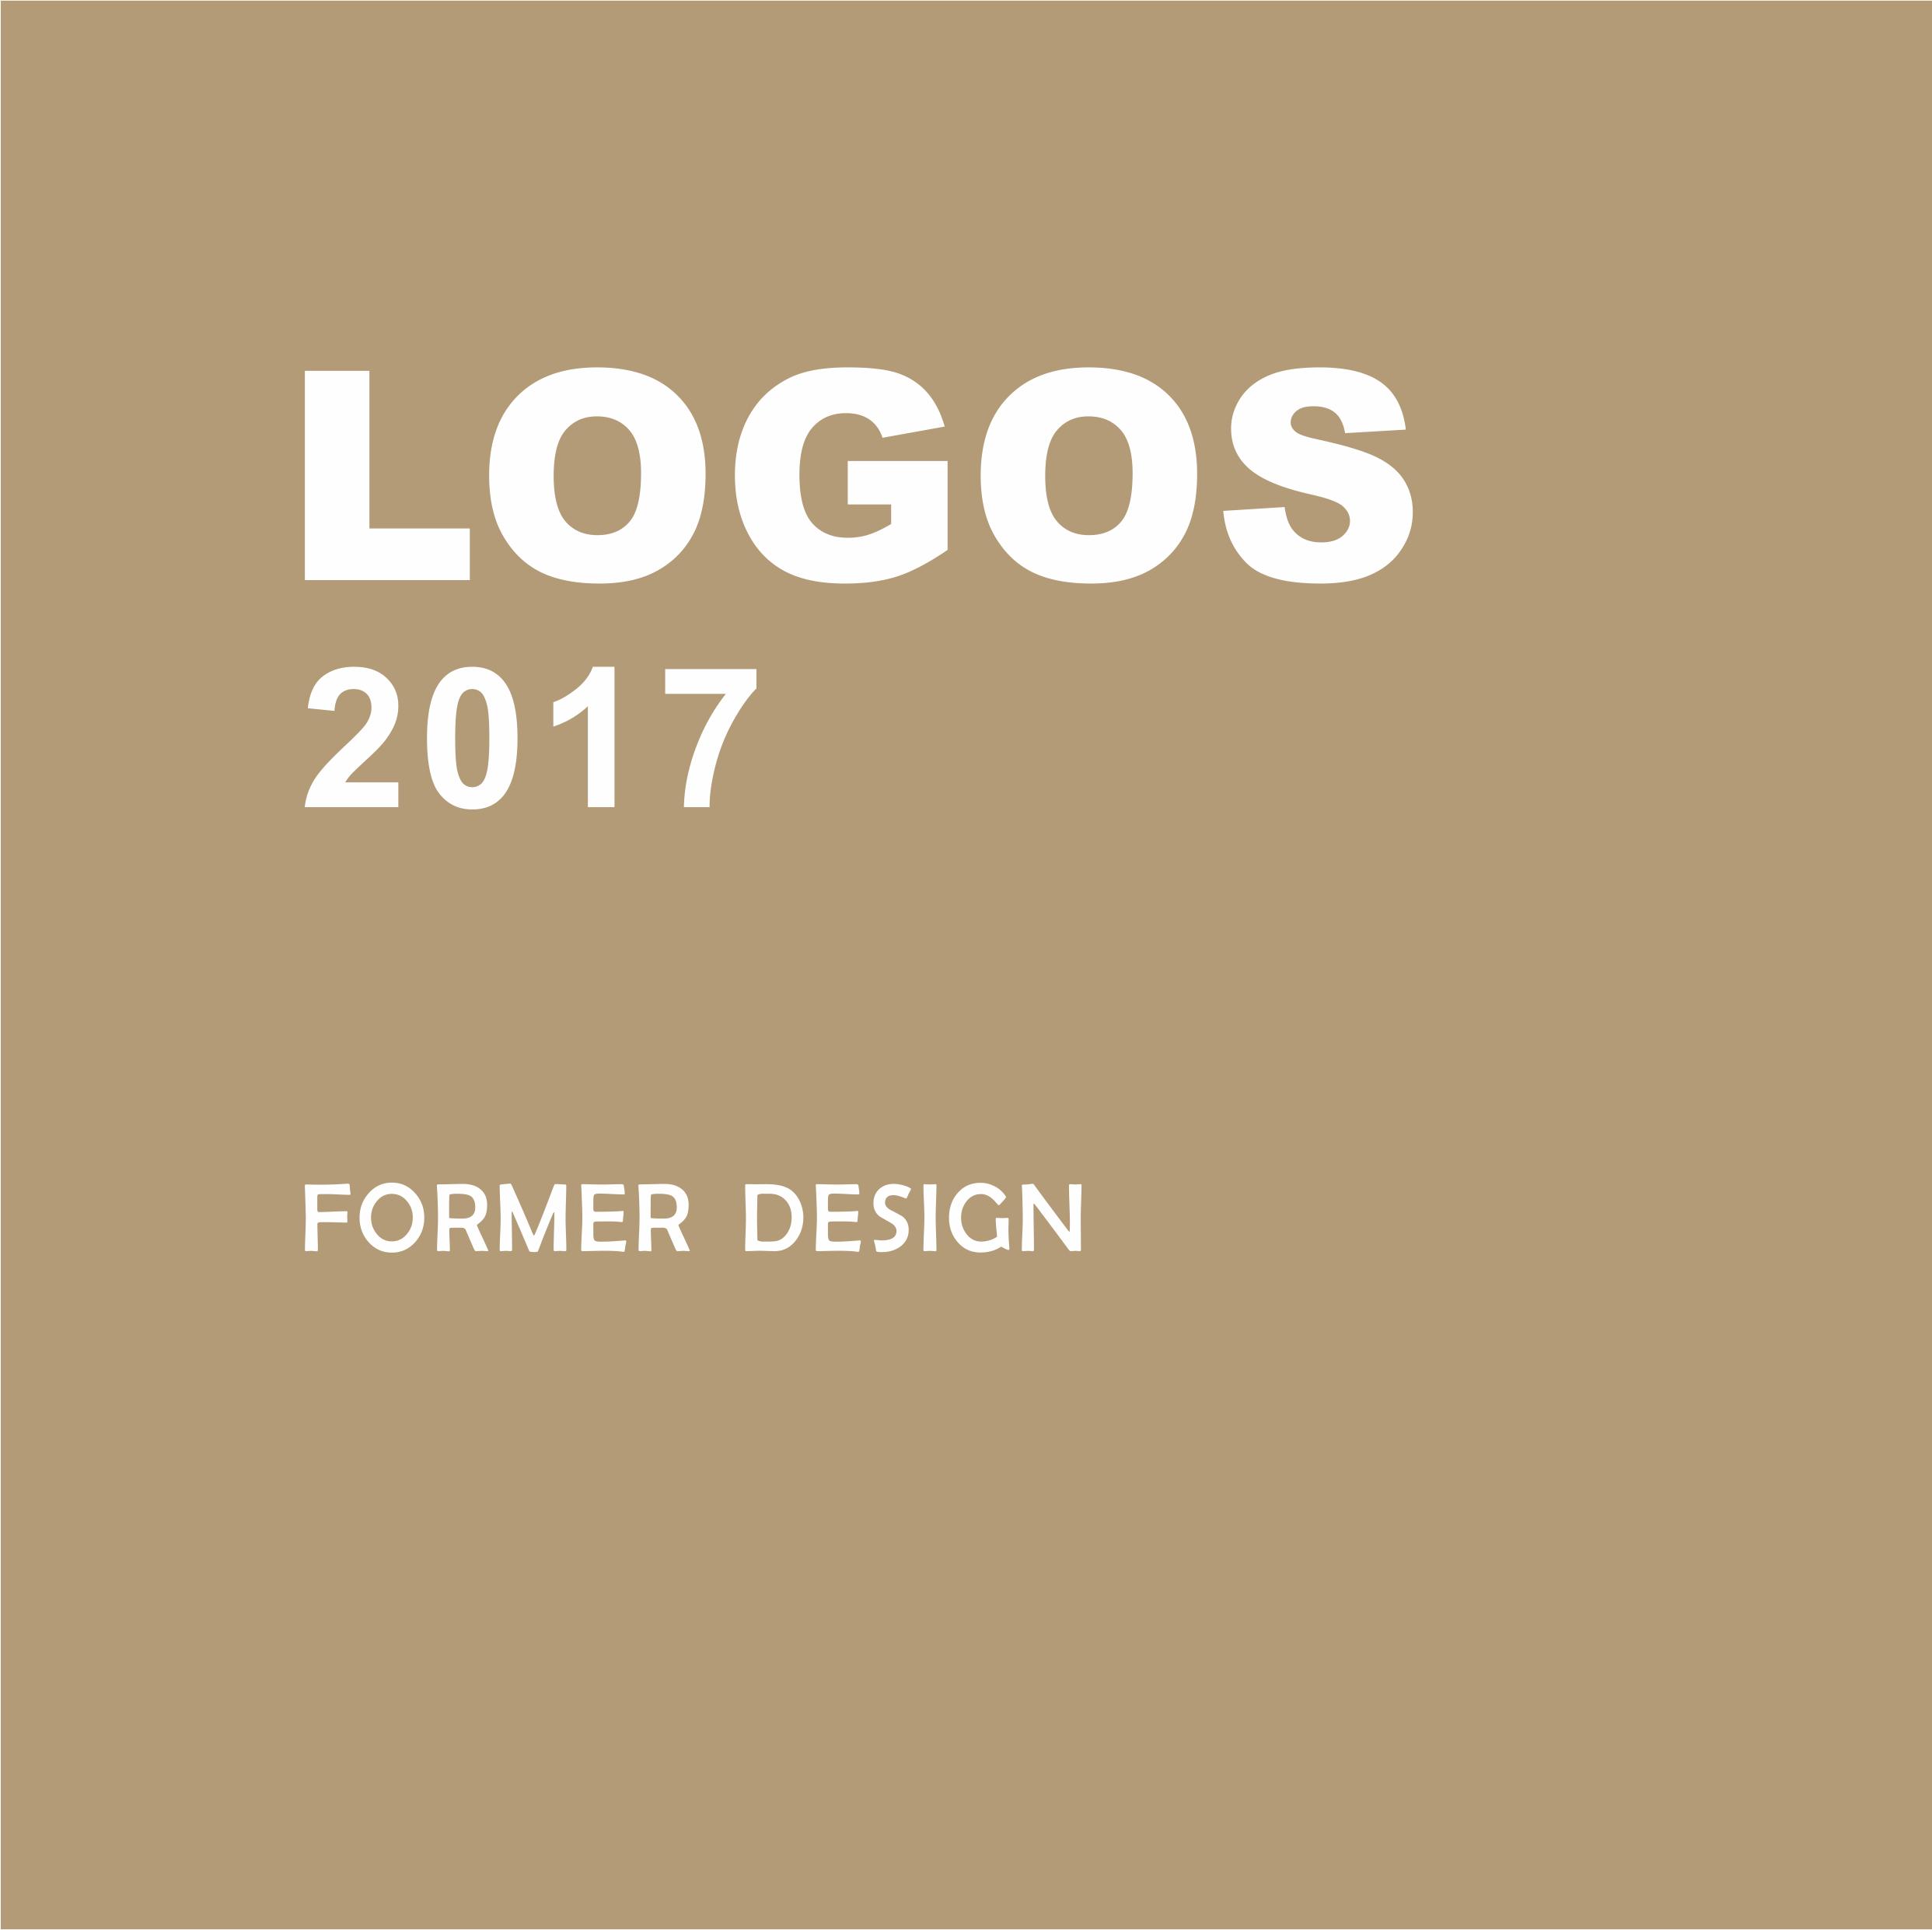 FORMER商业logo设计案例集二